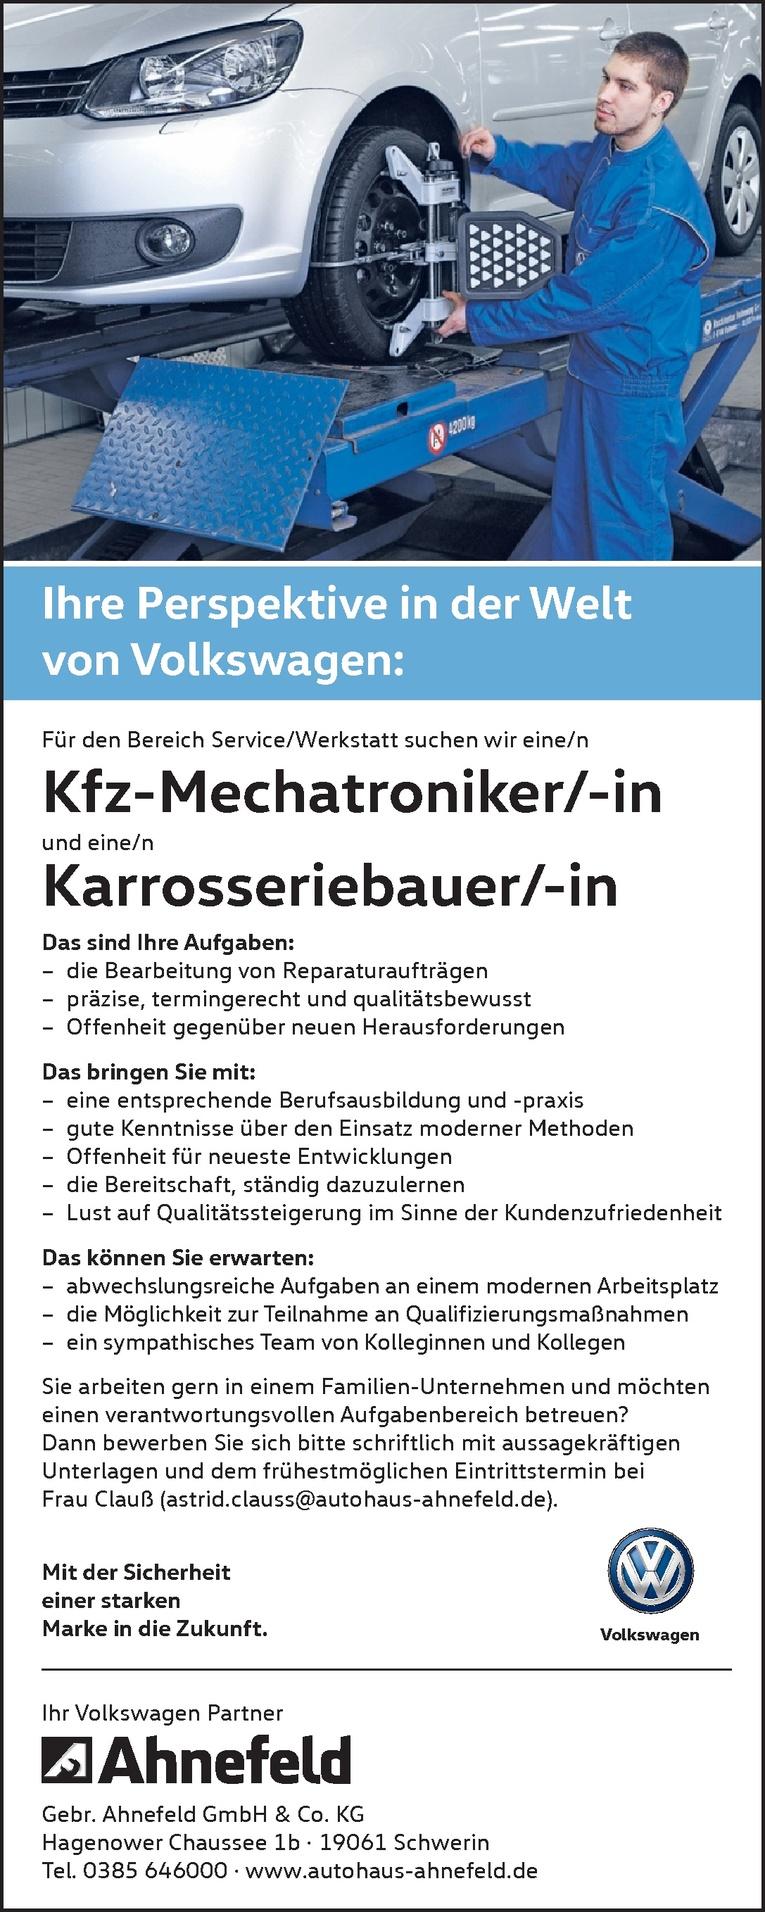 Kfz-Mechatroniker/-in und eine/n Karrosseriebauer/-in